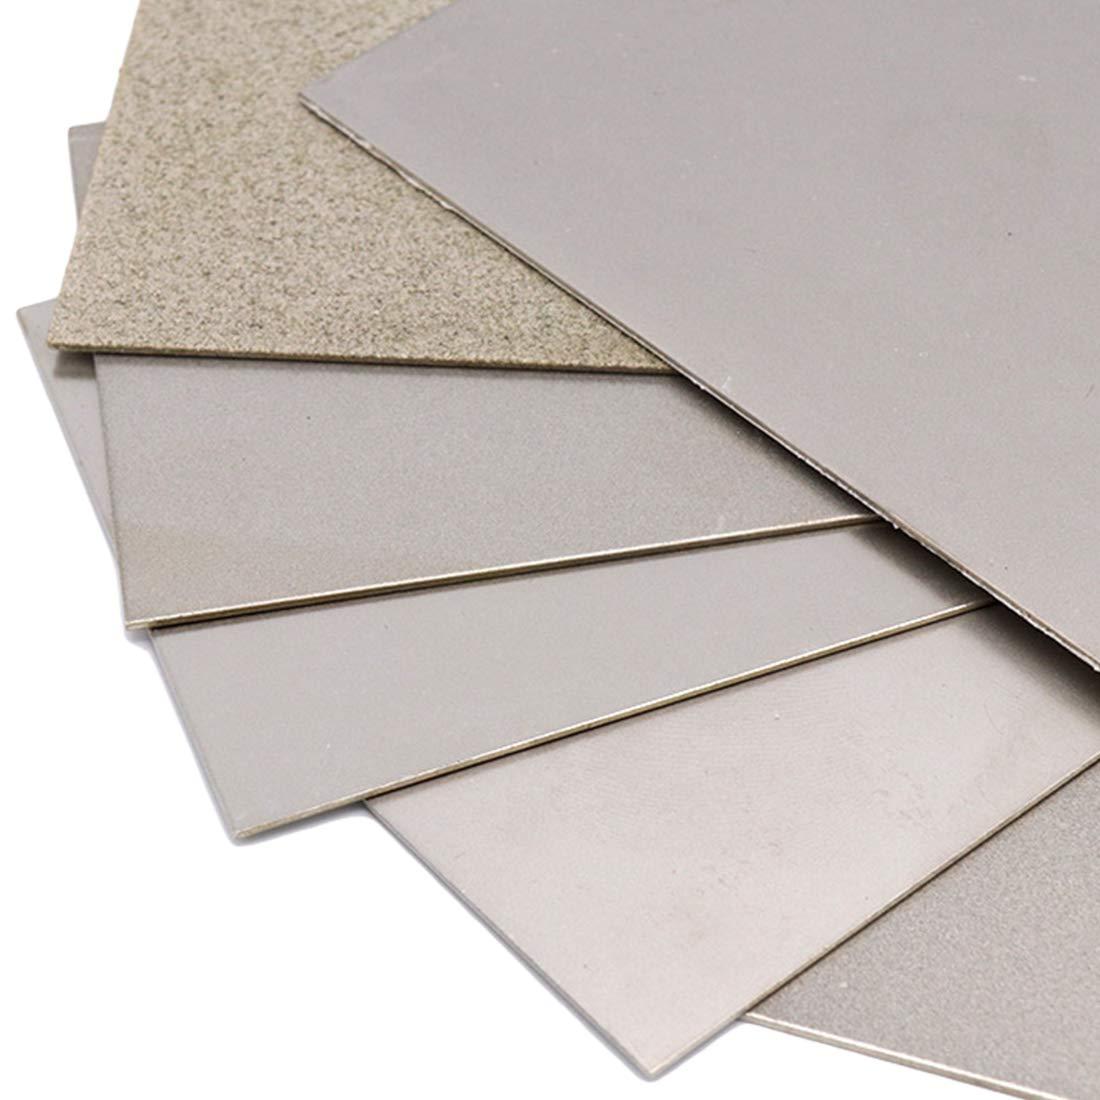 TOOLSTAR Sharpening Stone 80 Grits Diamond Sharpening Stones Thin Grinding Polishing Diamond Square Sharpener Tool Whetstone Plate